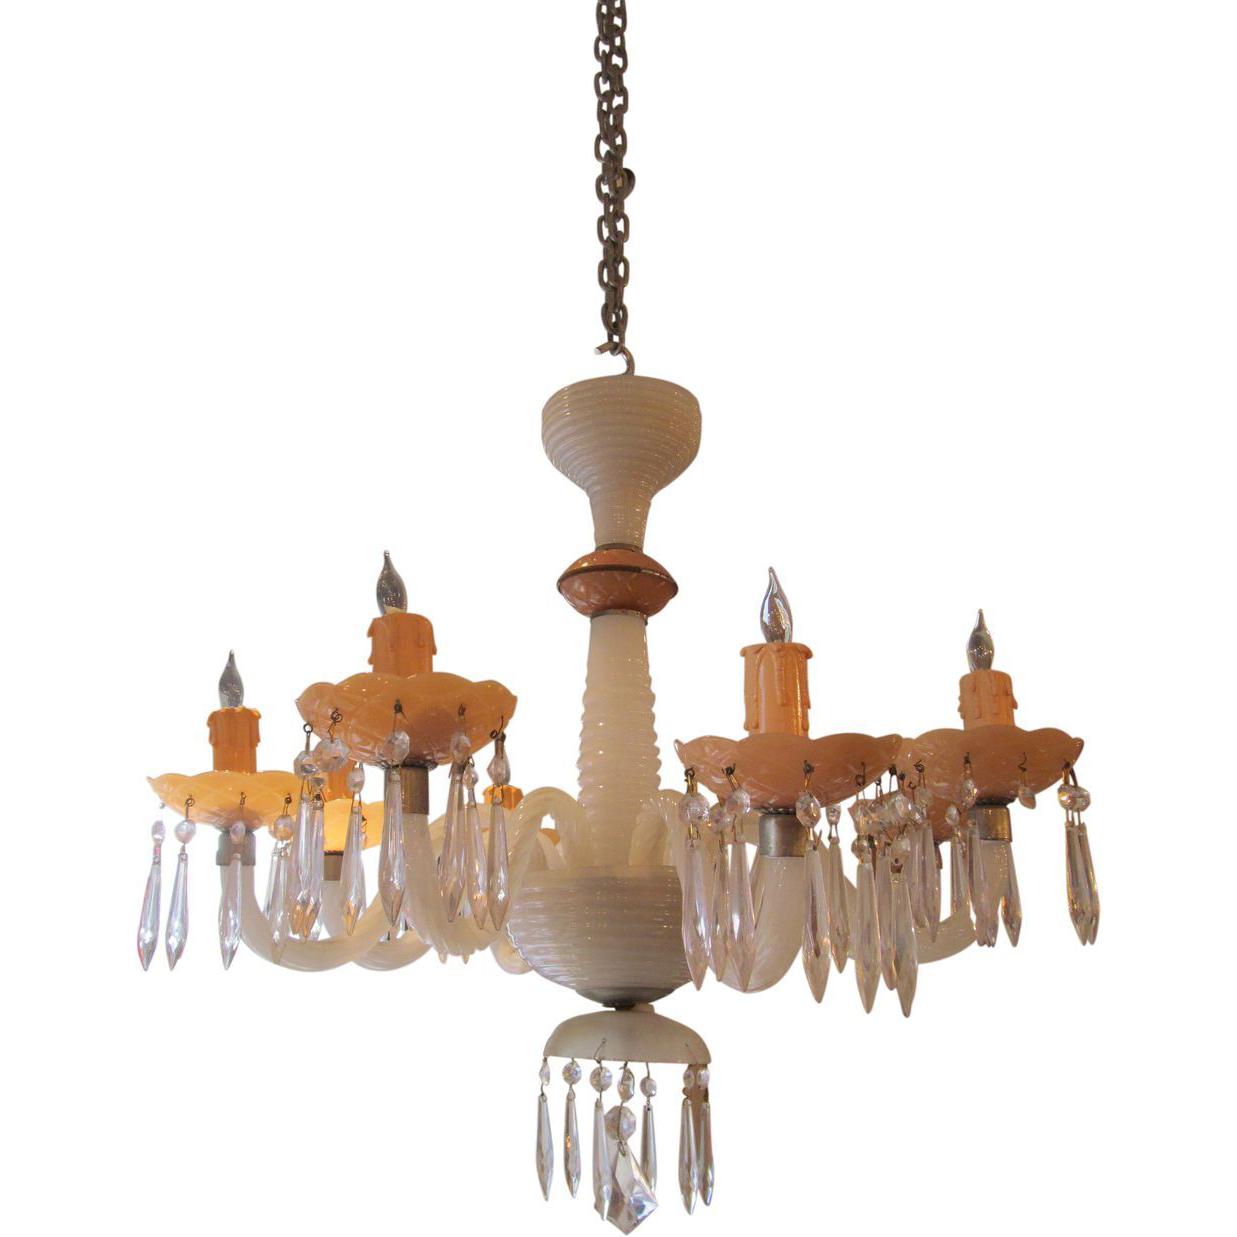 Pink & white milk glass chandelier